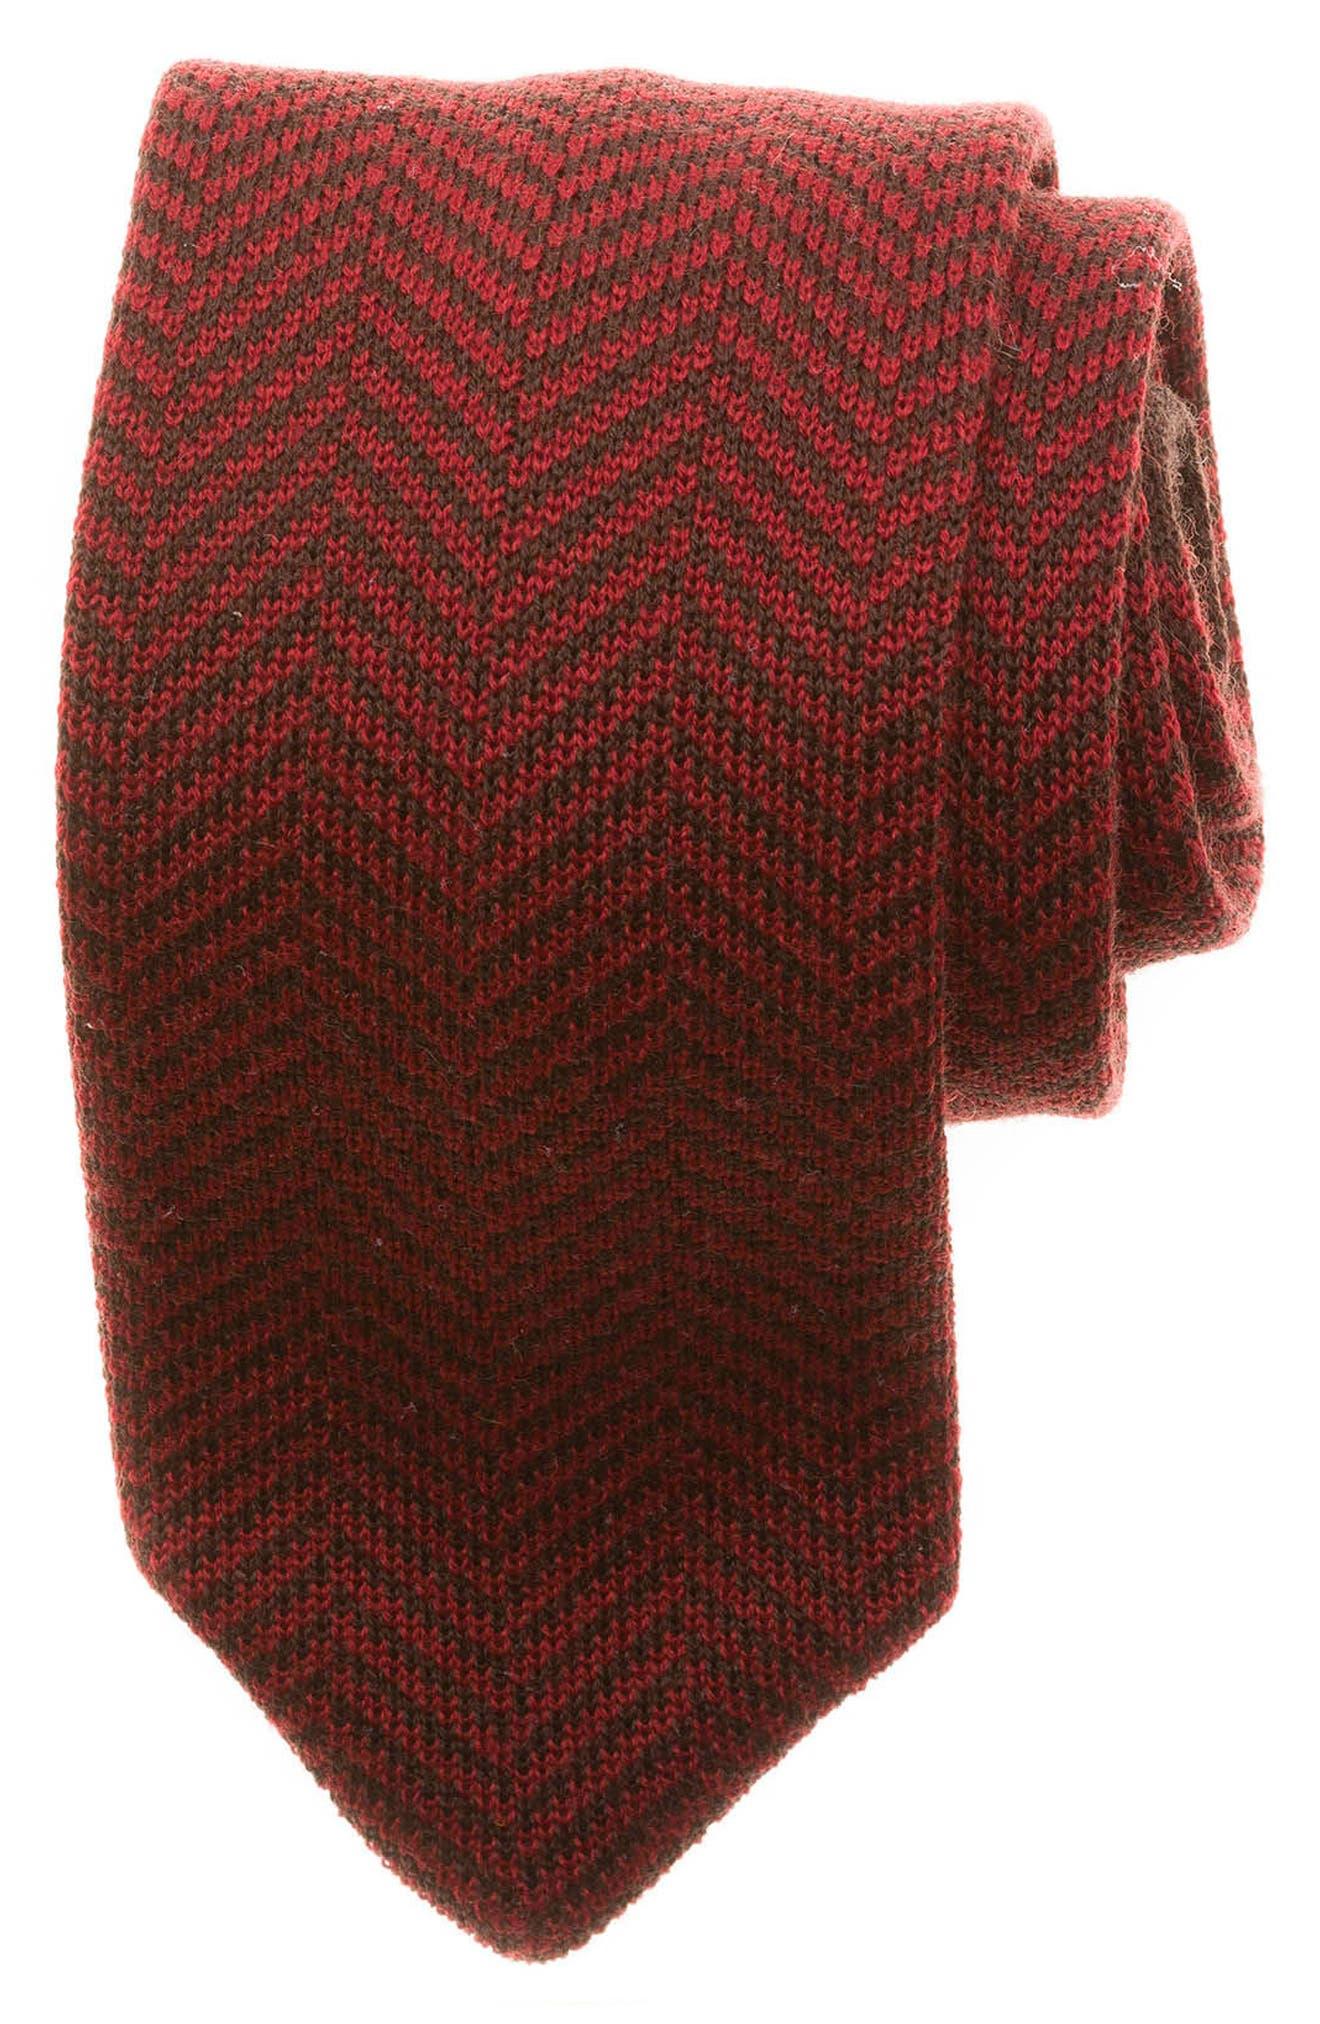 Alternate Image 1 Selected - hook + ALBERT Herringbone Knit Wool Tie